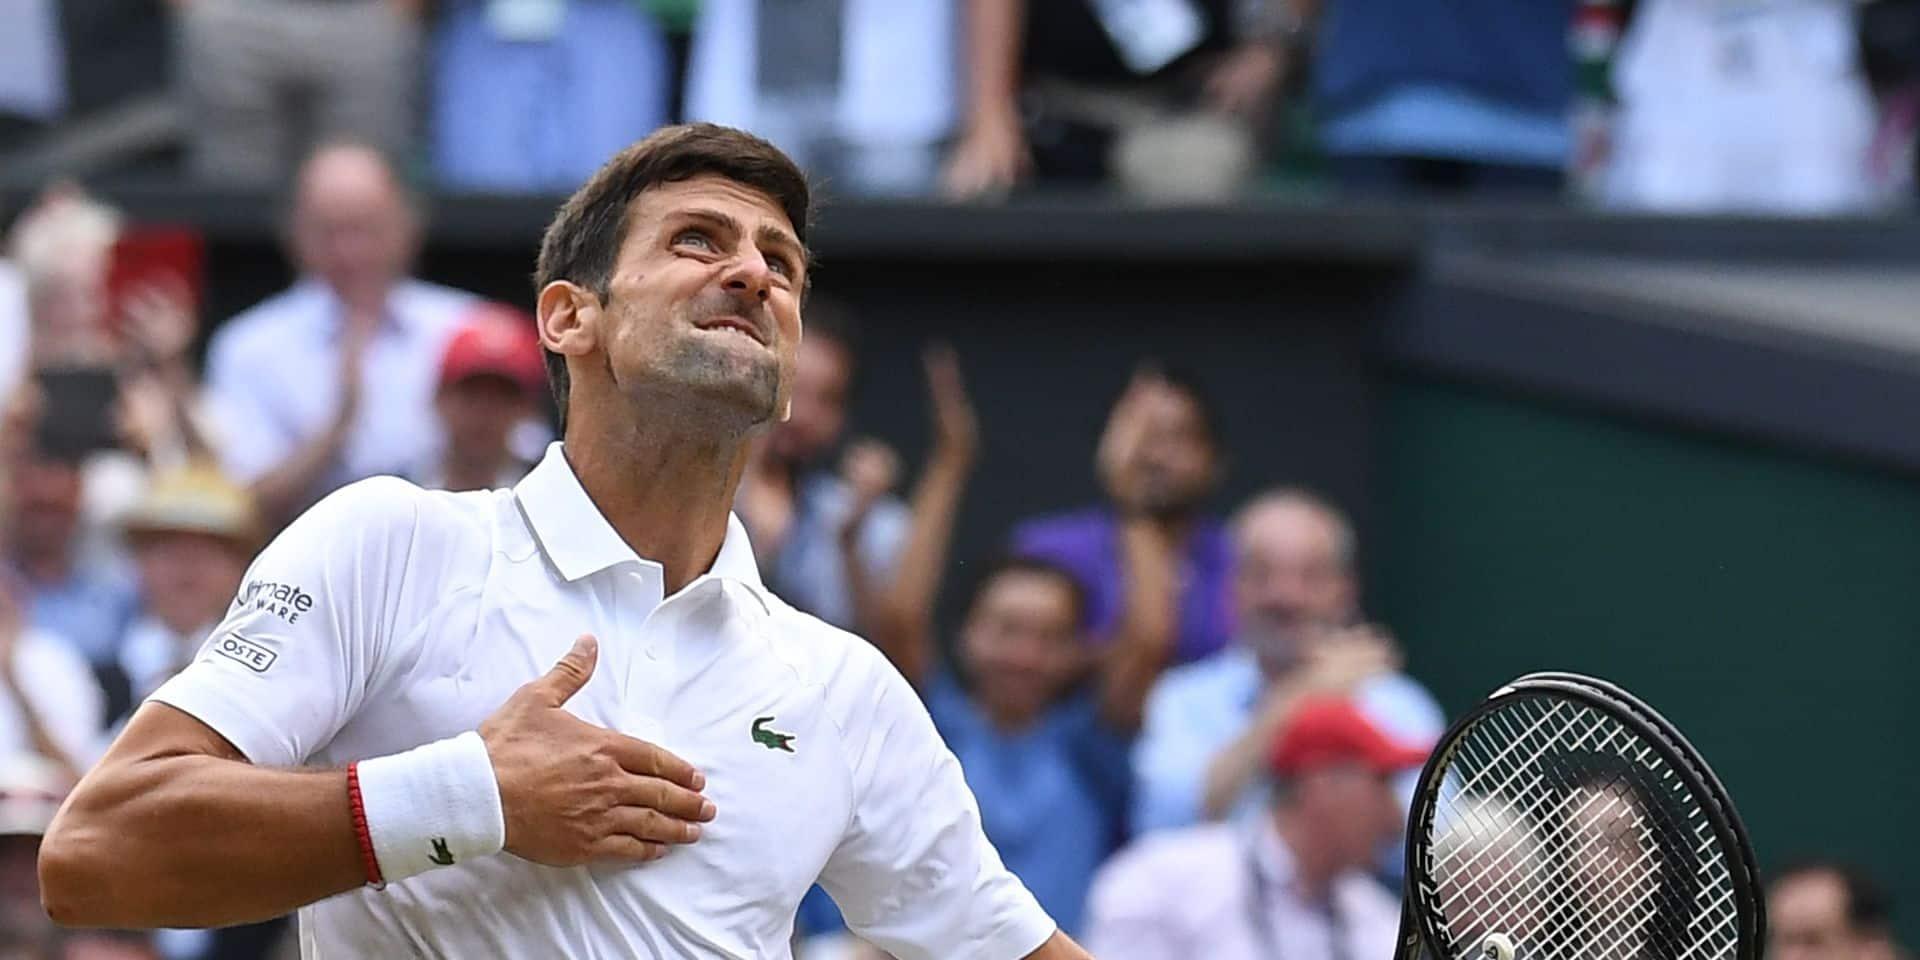 ATP Montréal: Djokovic et Del Potro renoncent à Montréal, Nadal tête de série N.1